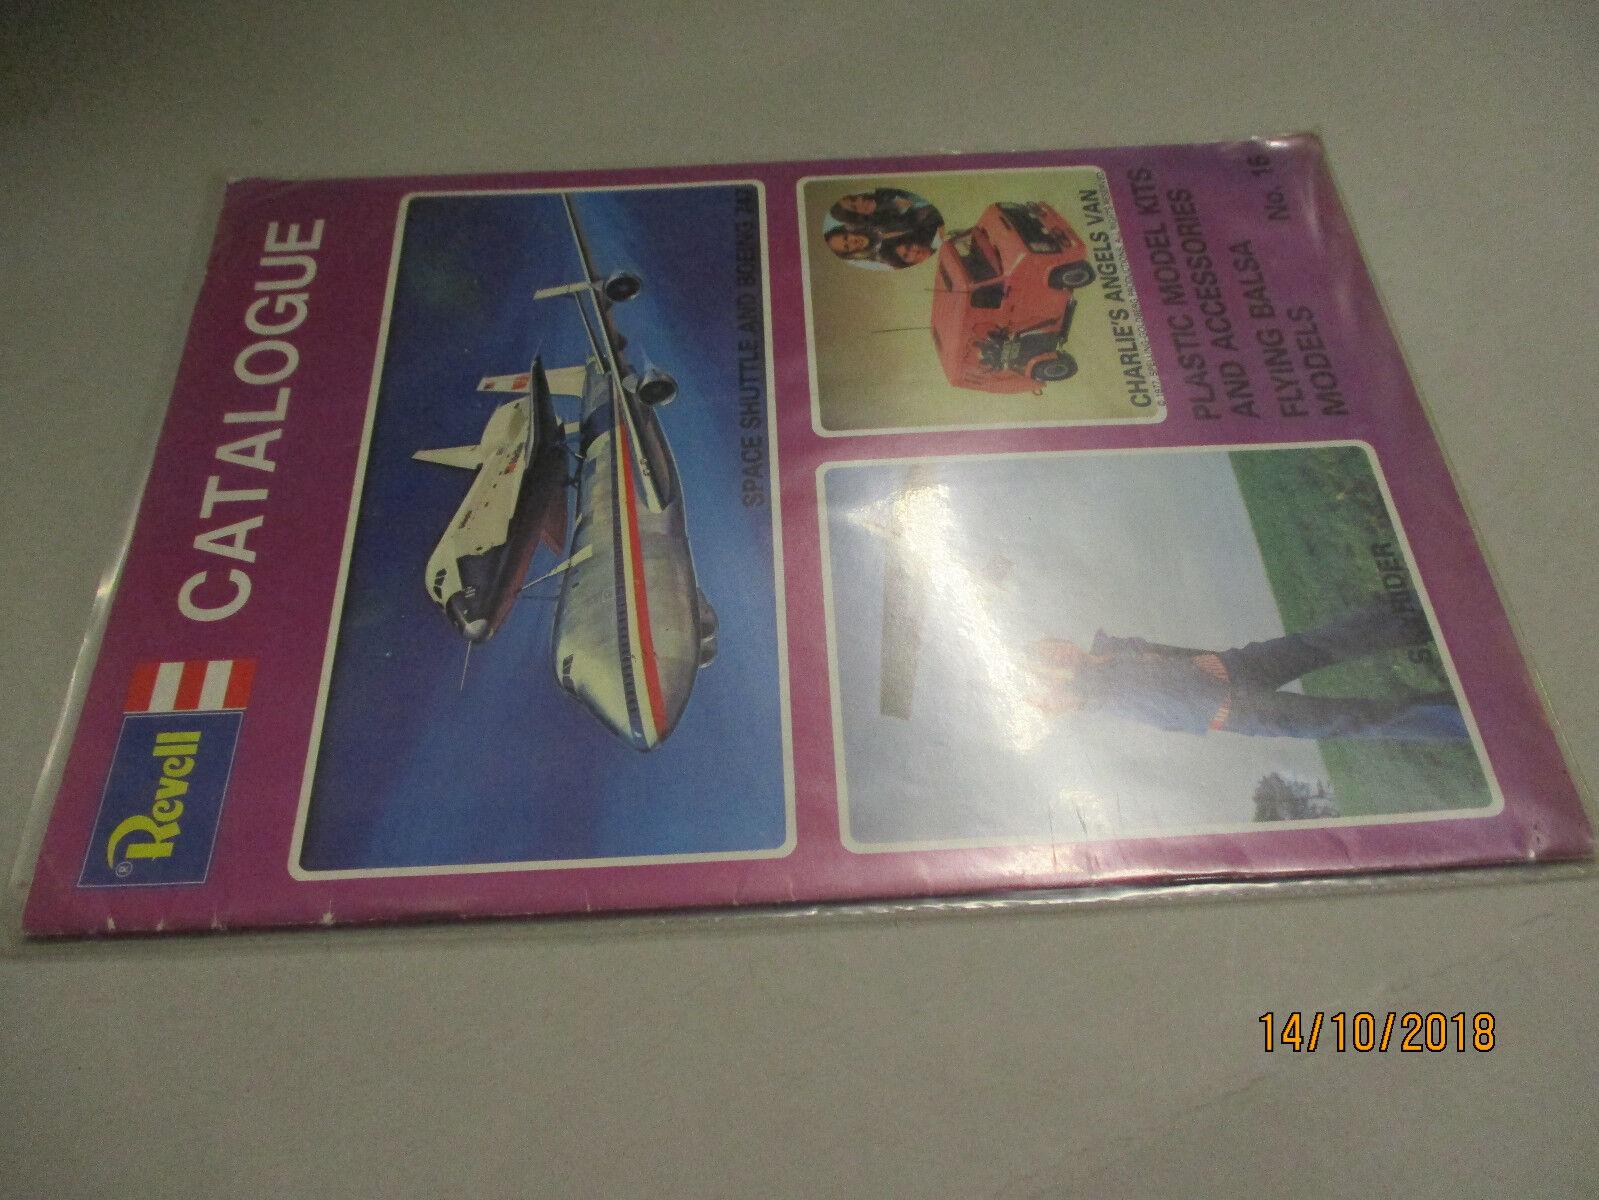 Revell Modèle Kits catalogue 1977 UK